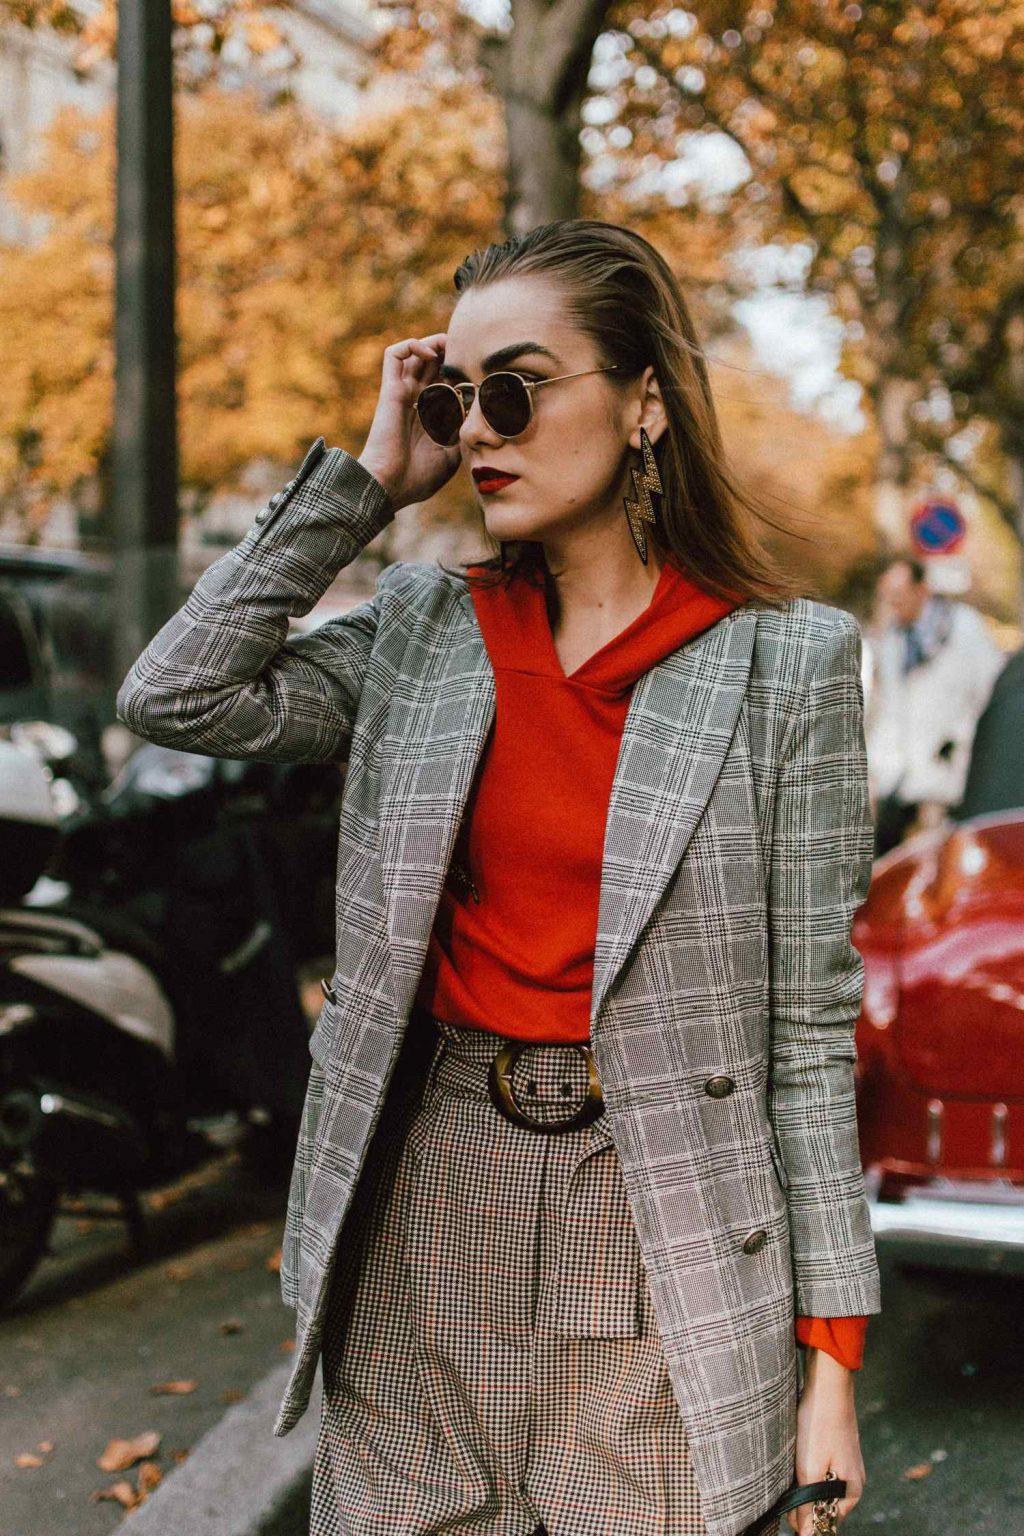 cô gái diện áo khoác blazer món đồ thời trang nhầm lẫn với suit